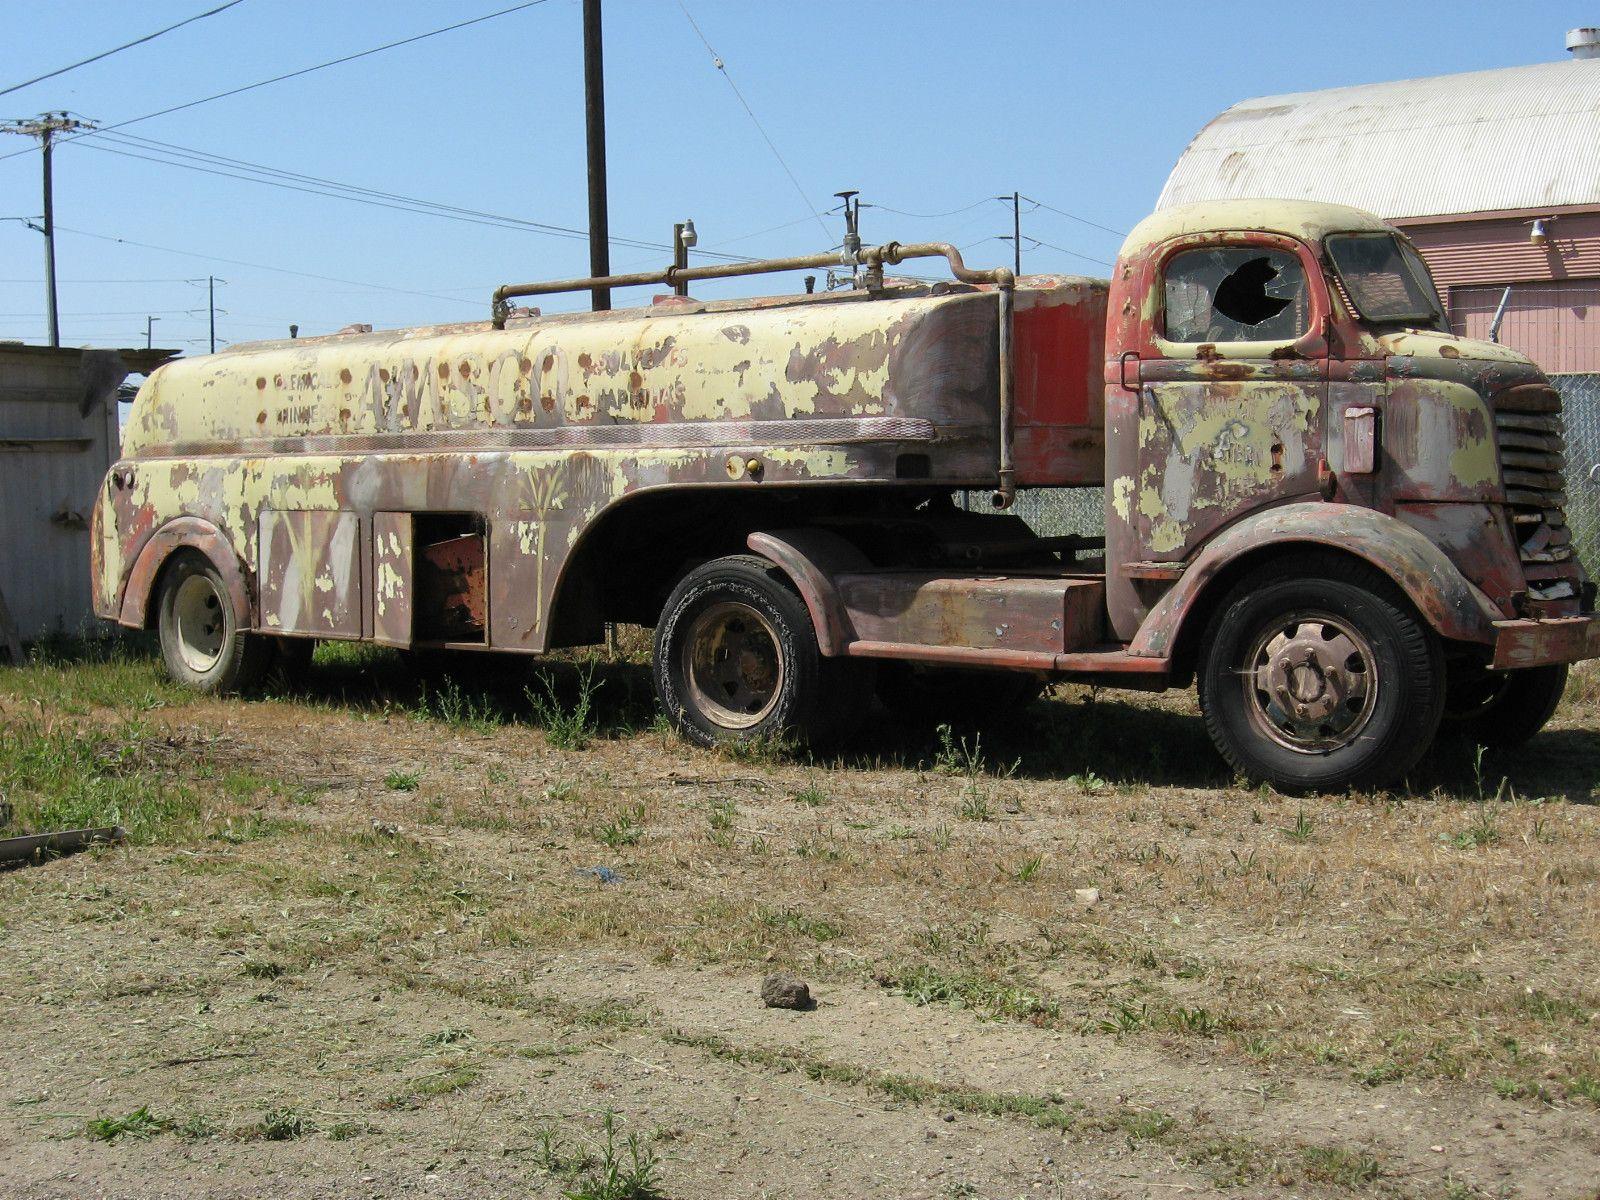 1938 Gmc Coe Tanker Truck Coe Trucks Gmc Trucks Trucks 4x4 Trucks